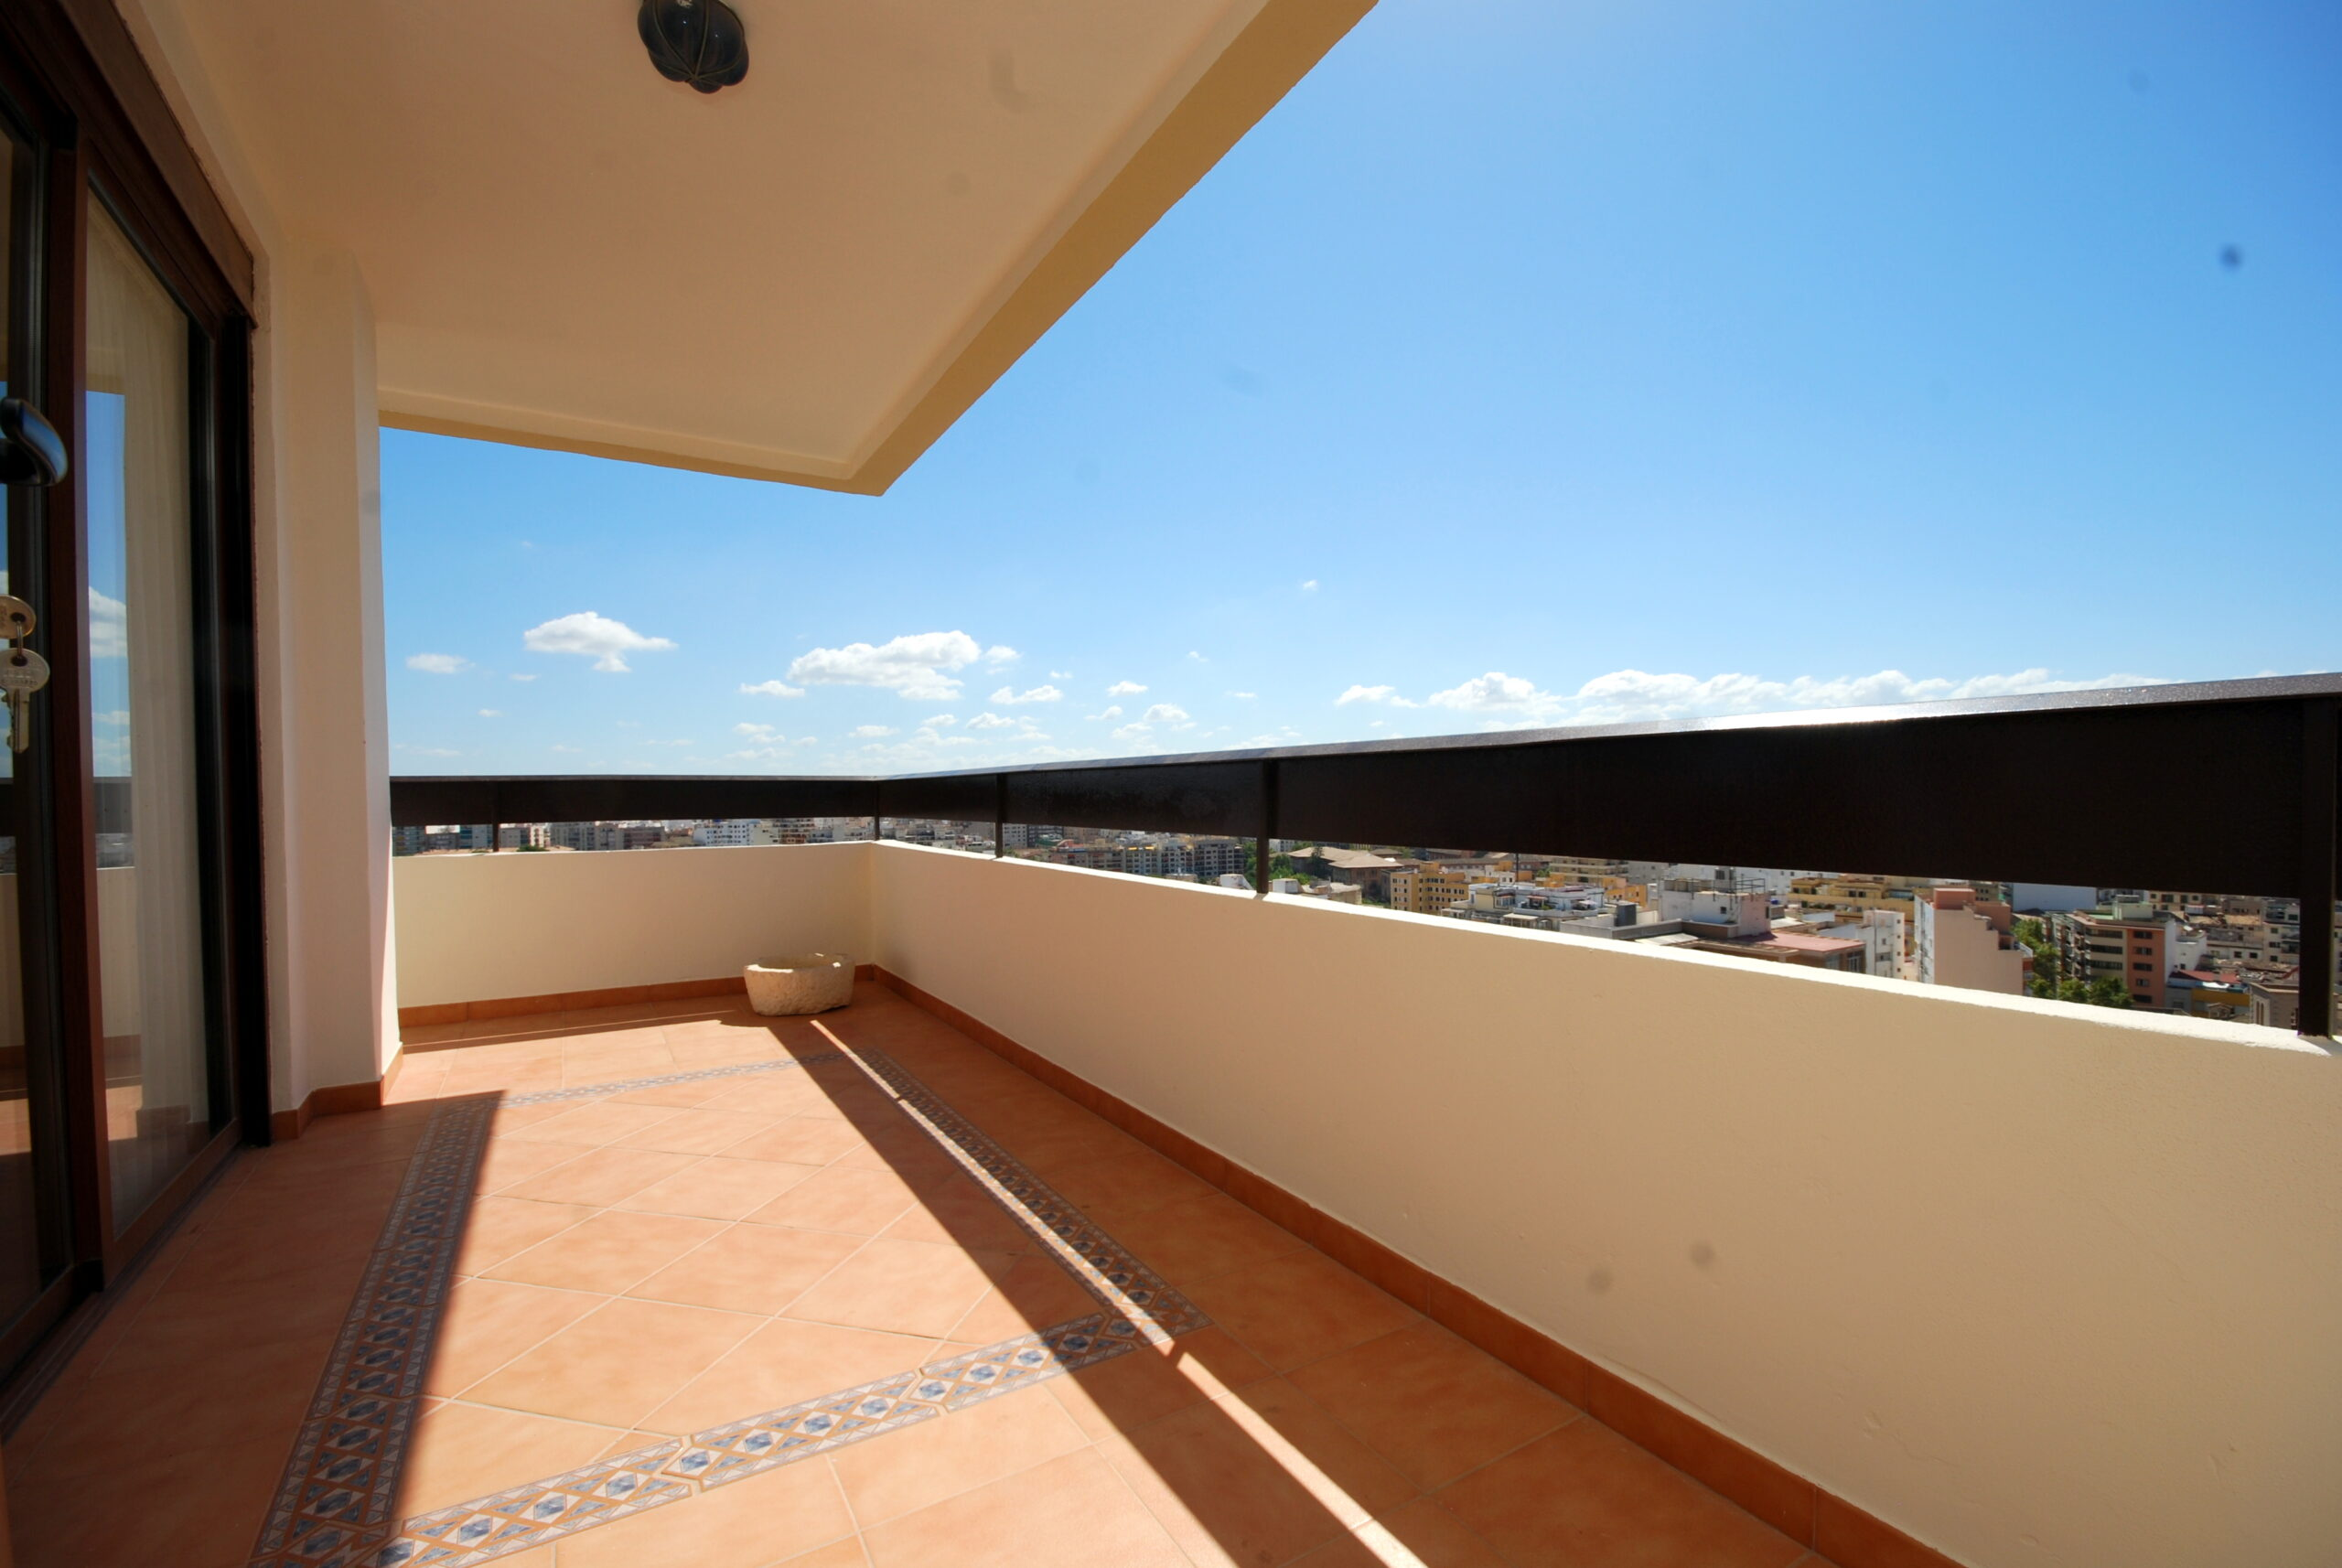 Bonito piso en Palma muy céntrico, amplio y luminoso con unas excelentes e inmejorables vistas a la ciudad y al mar